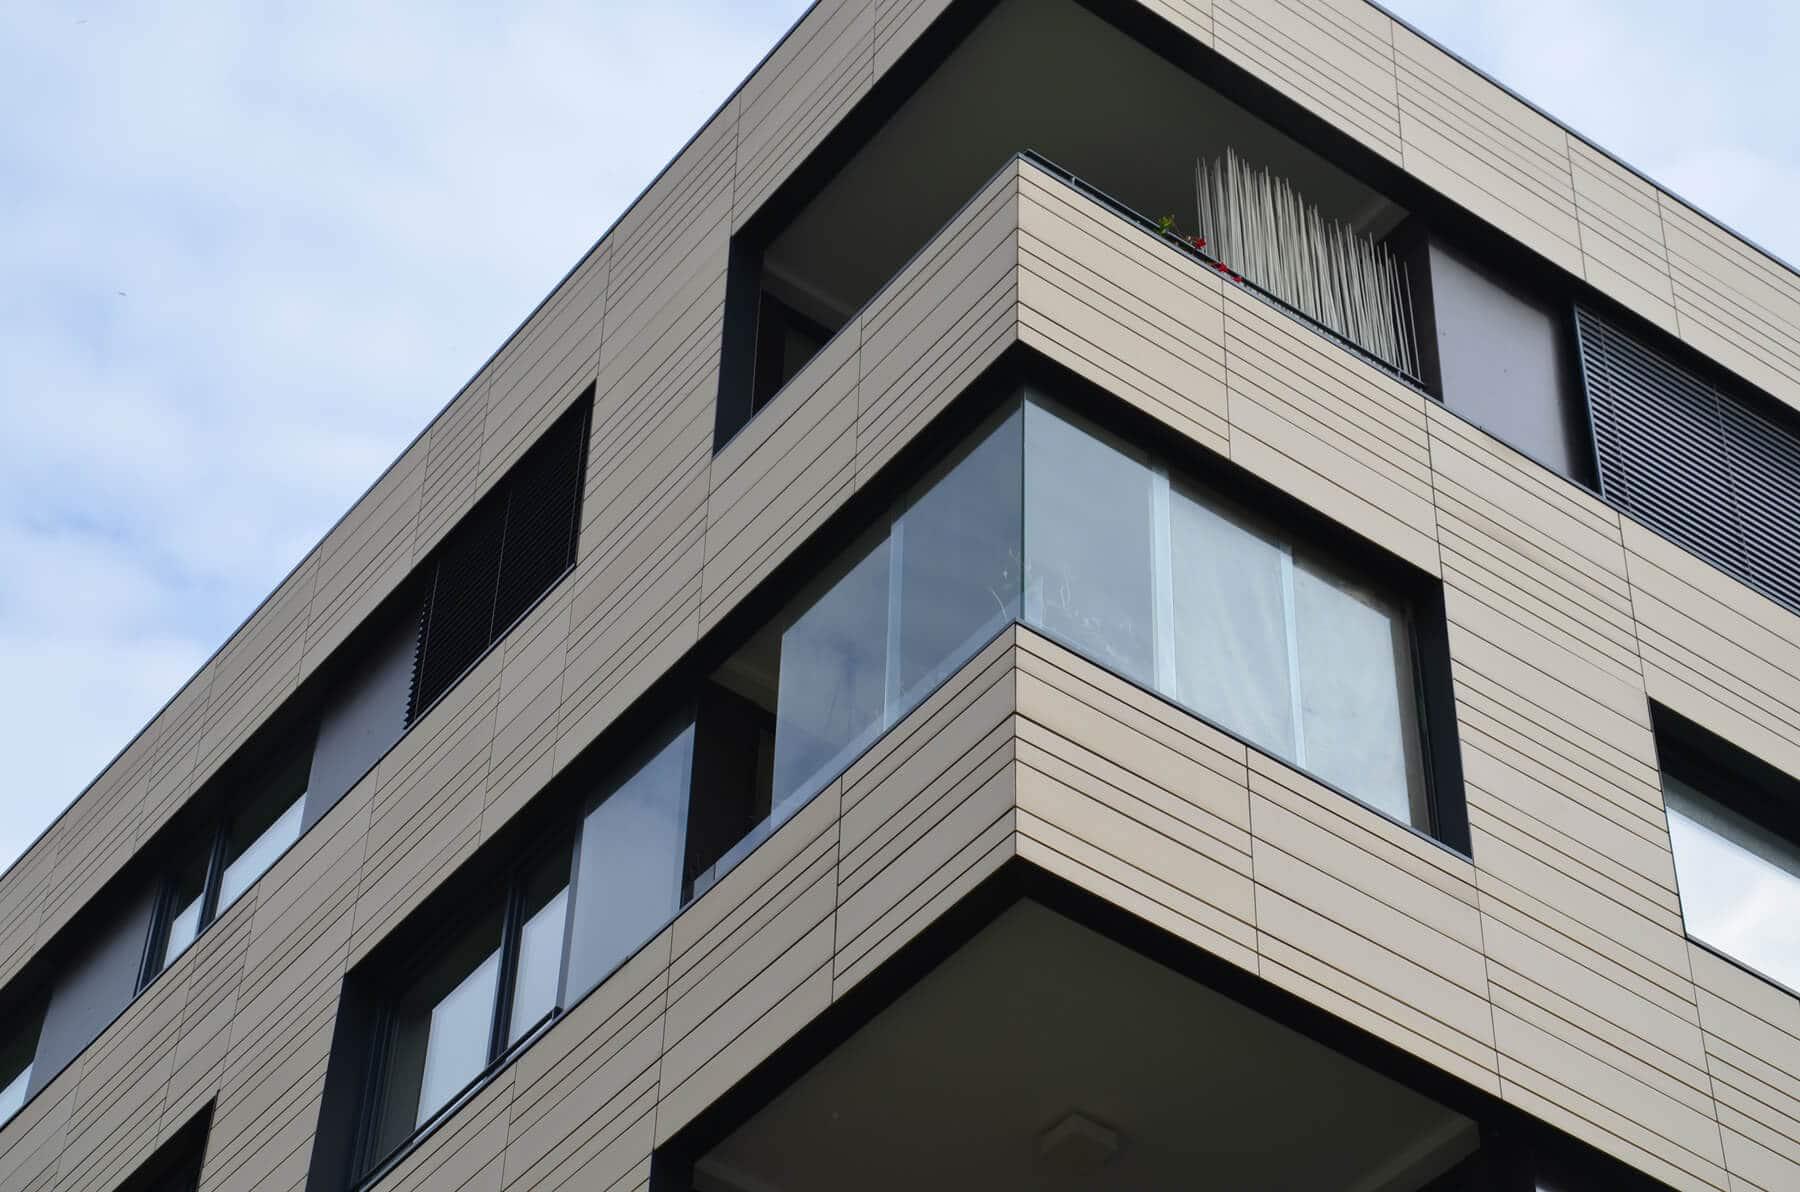 Balkon Windschutz Seitlich ~ Balkon windschutz seitlich glas fenster schmidinger